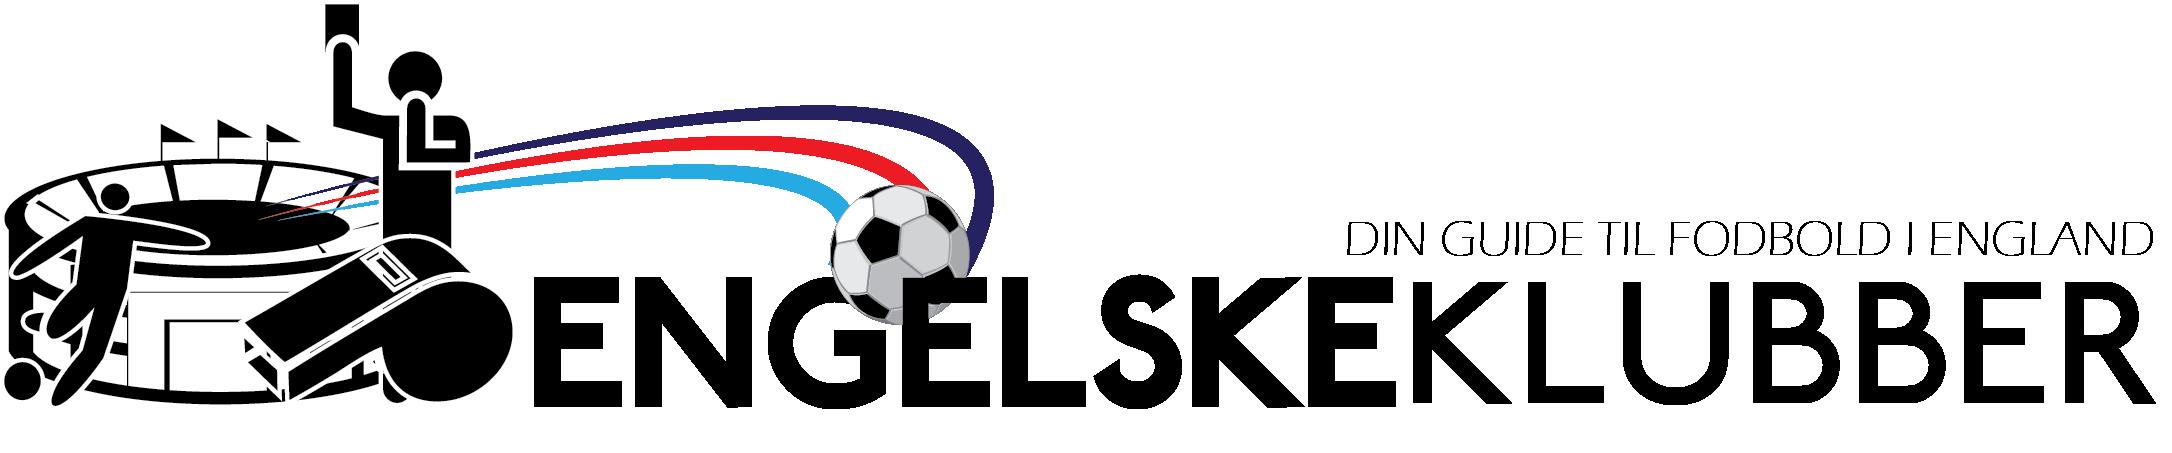 Premier League billetter - Engelskeklubber.dk